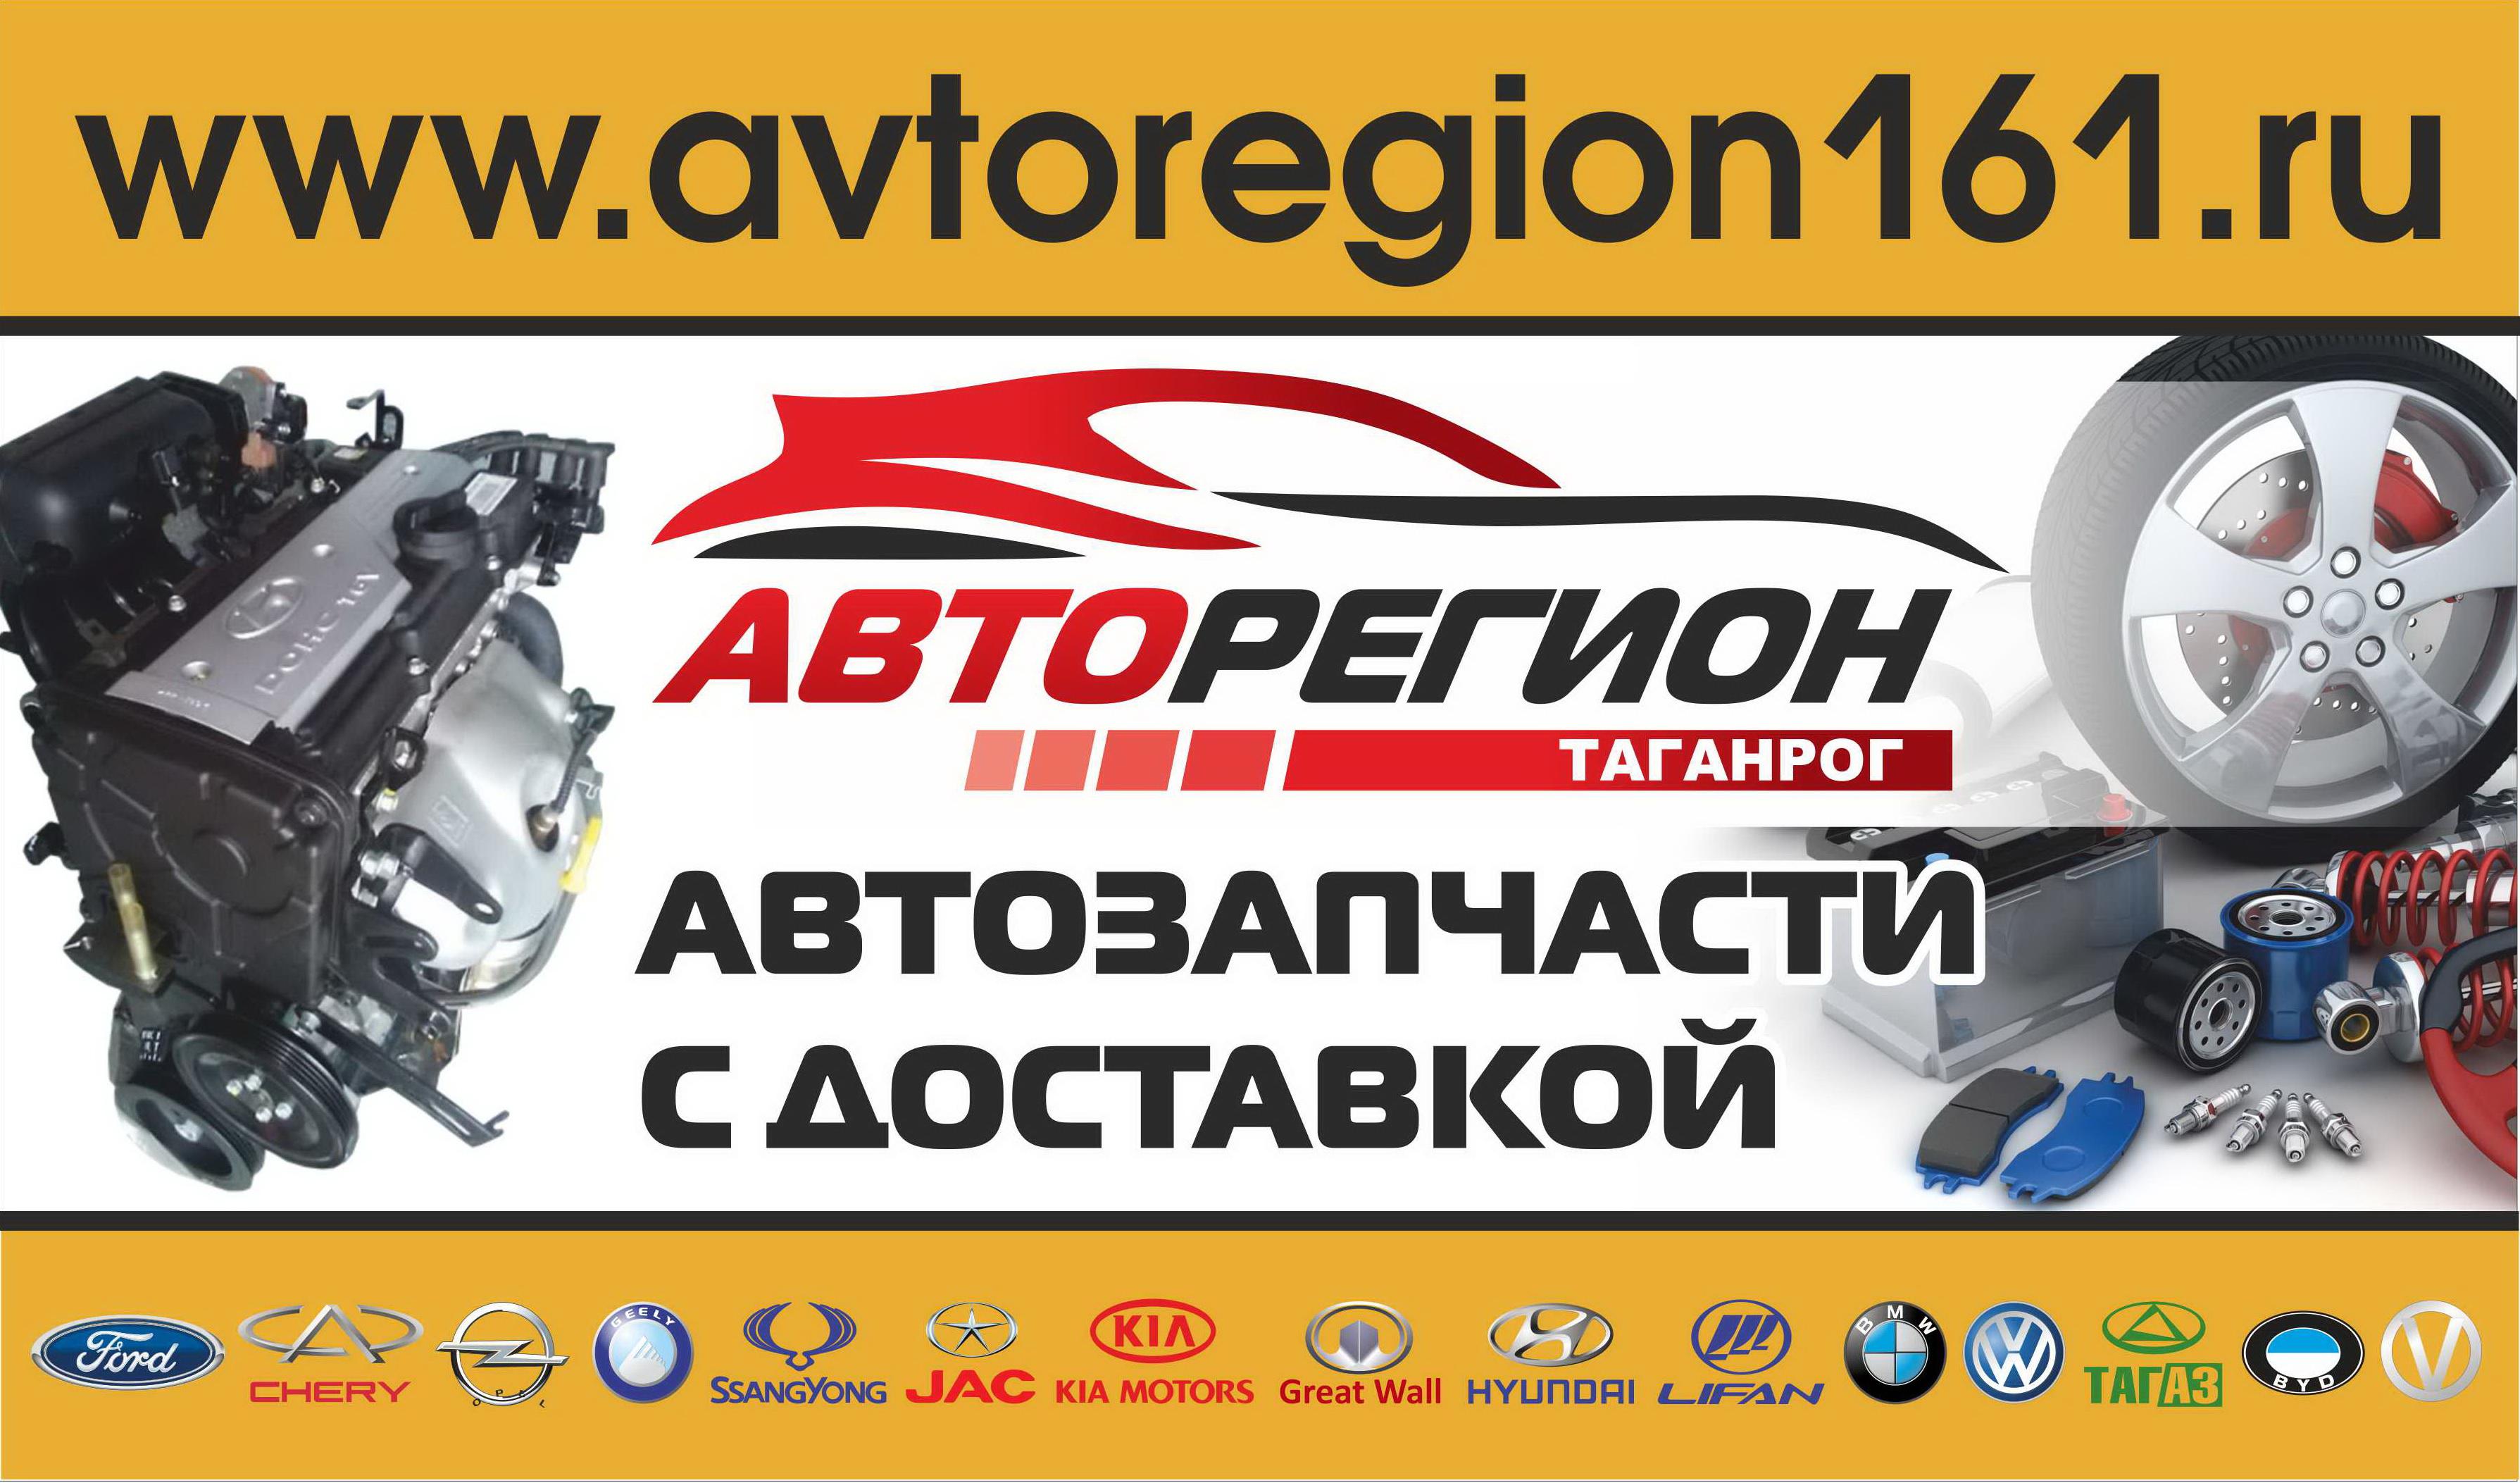 Интернет-магазин автозапчастей АвтоРегионТаганрог